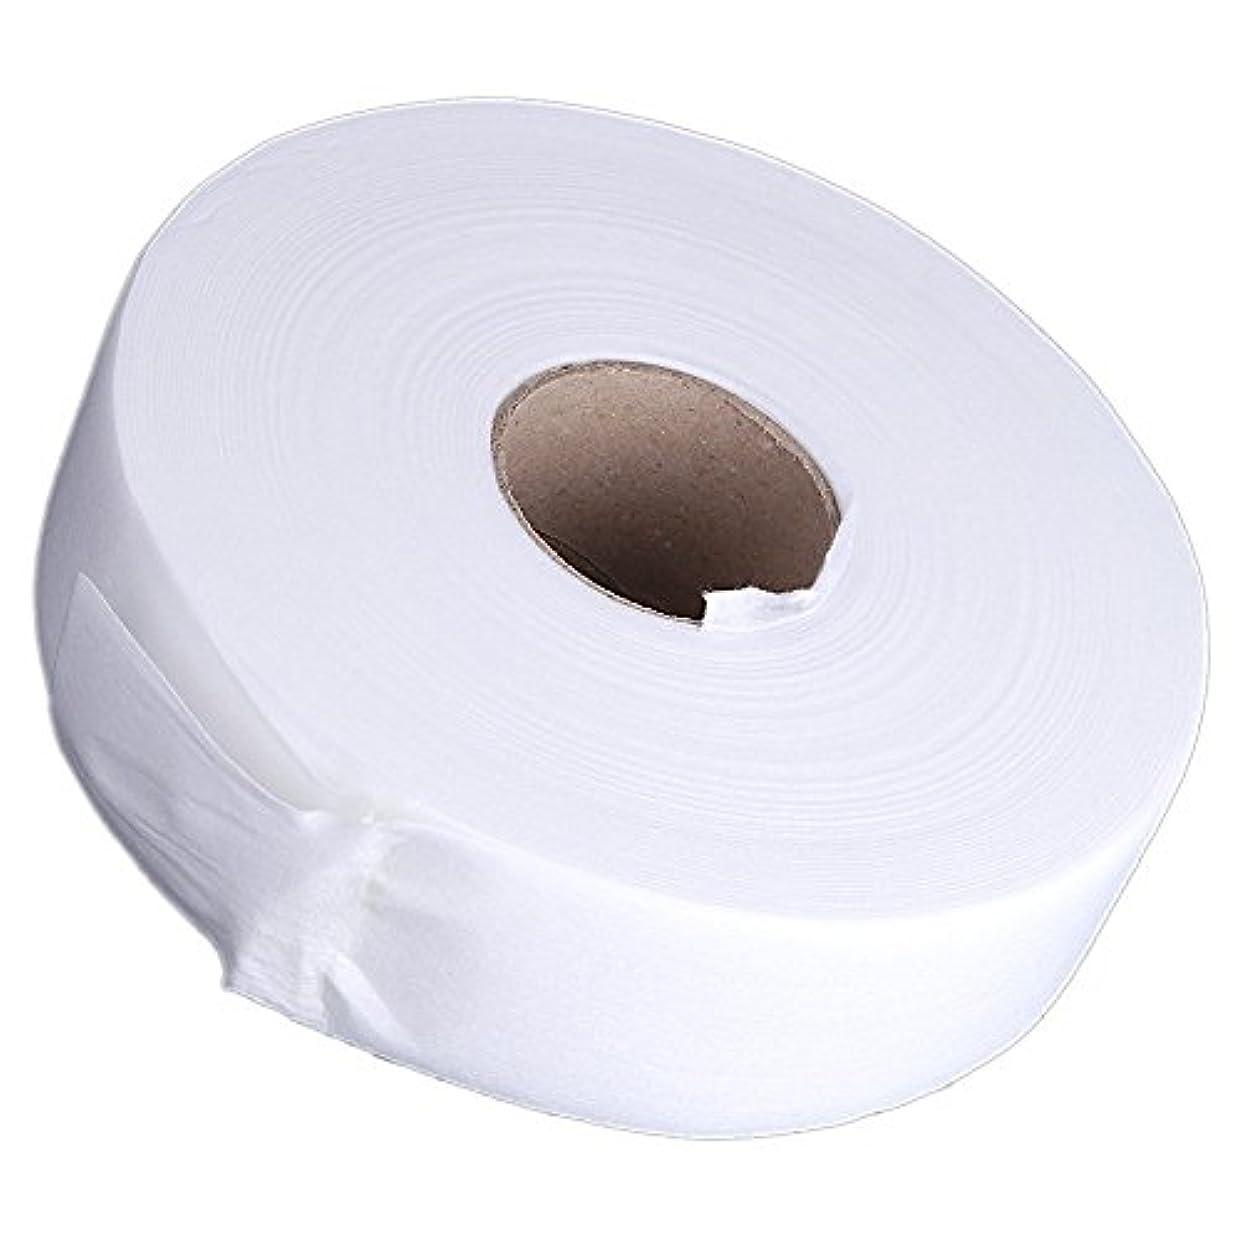 許容できる知覚相談ACAMPTAR 100ヤードの脱毛紙脱毛ワックスストリップ 不織布ペーパーワックスロール(白)